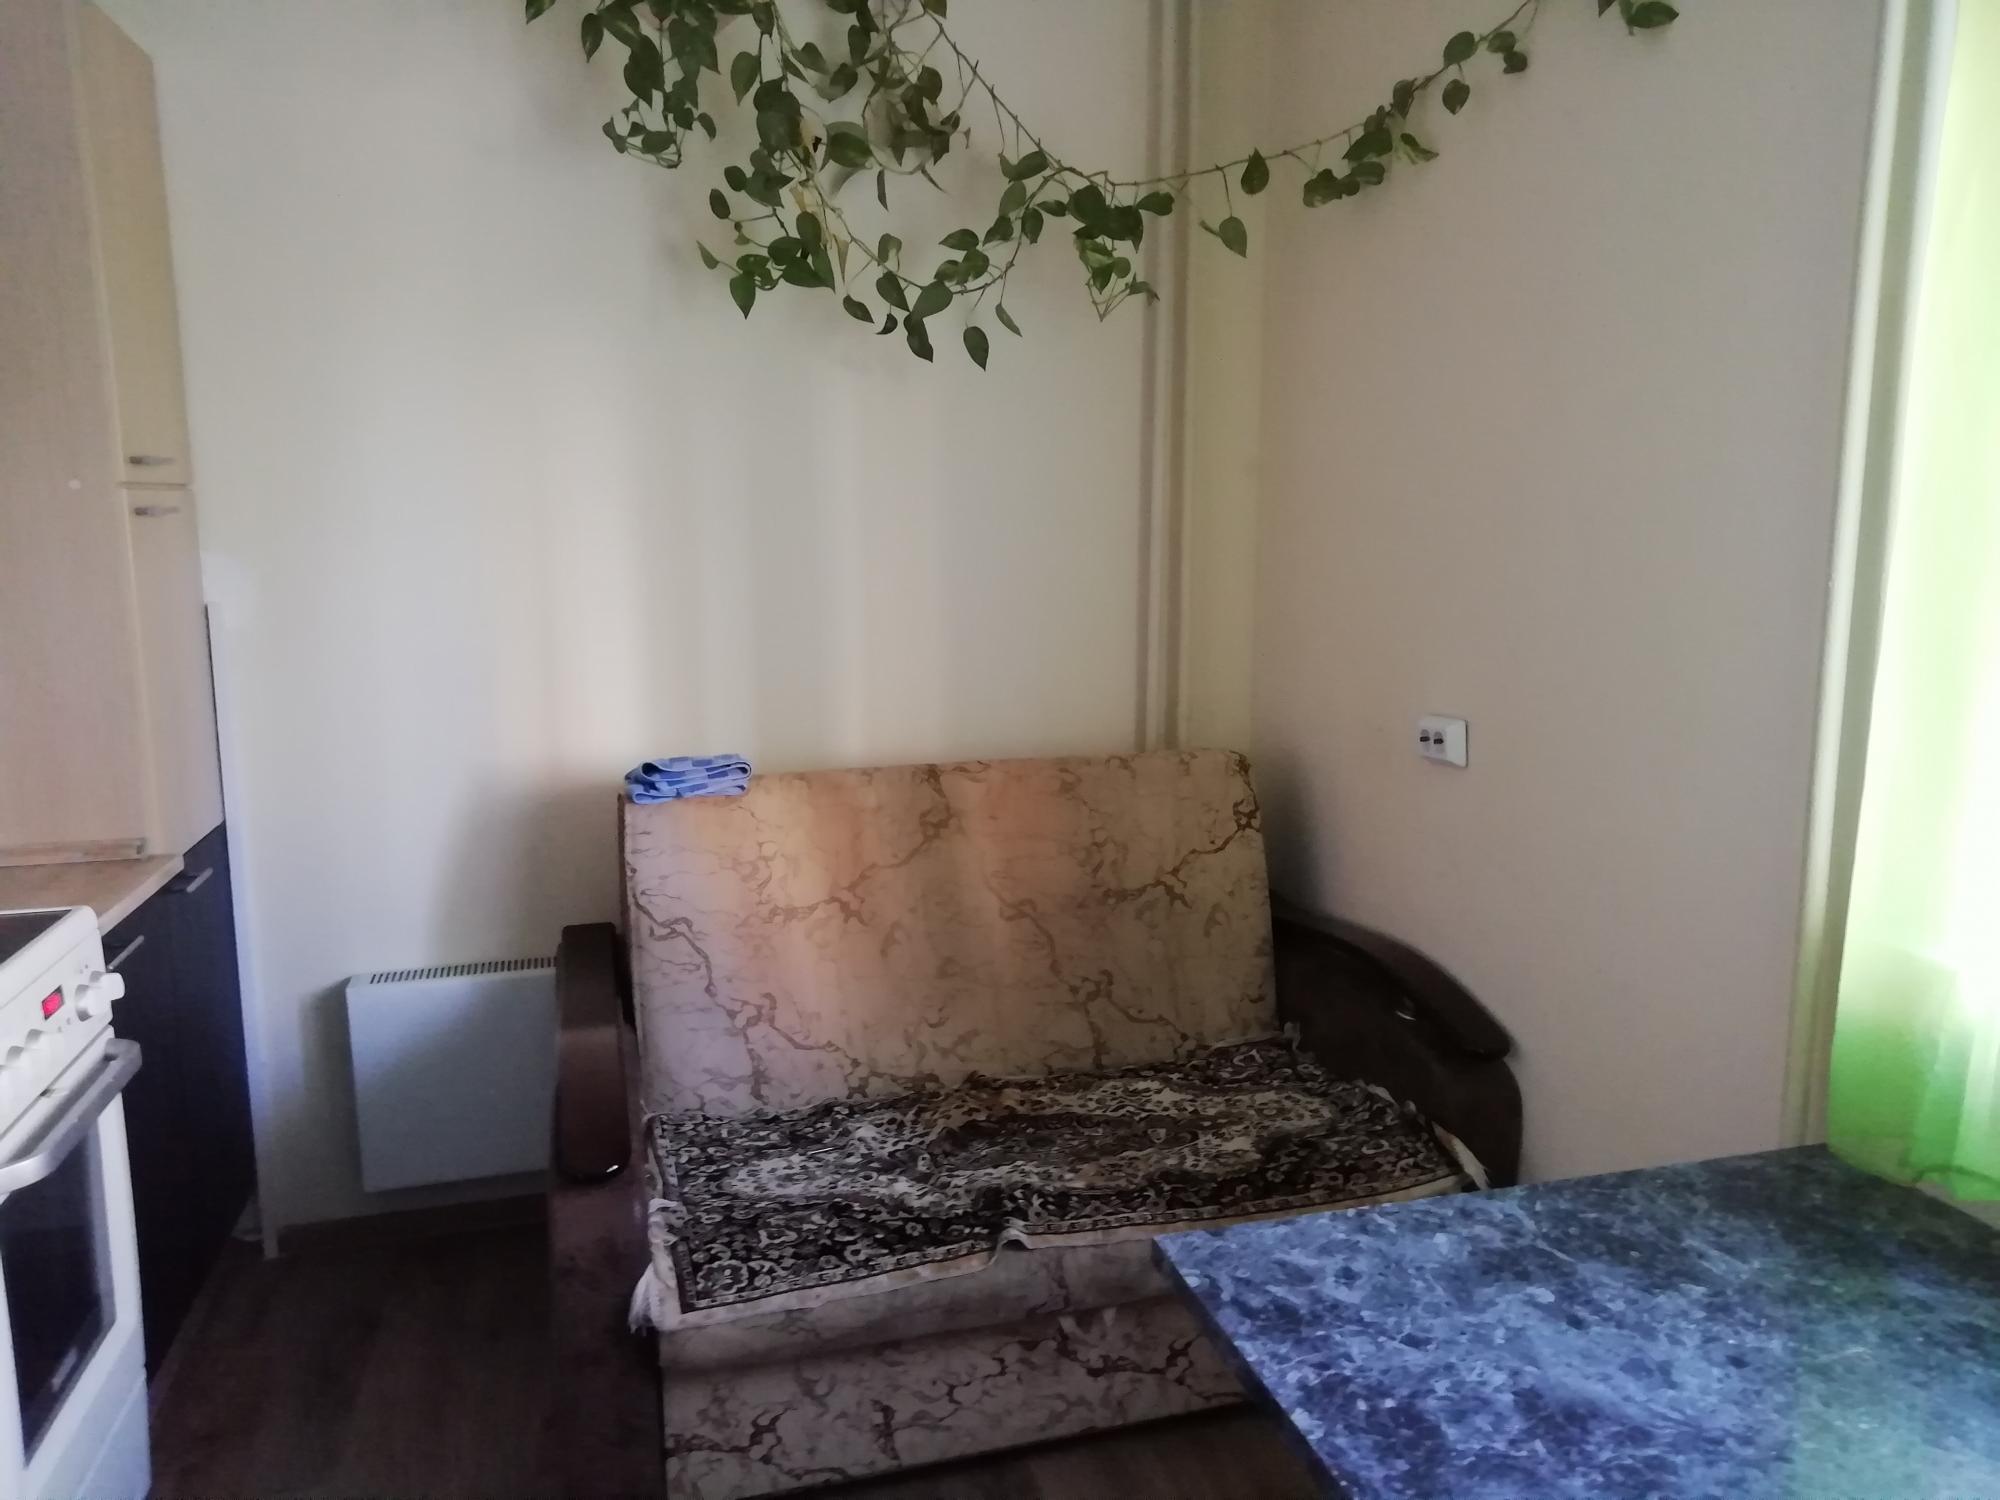 Аренда 1-комнатной квартиры, г. Тольятти, Спортивная улица  дом 6